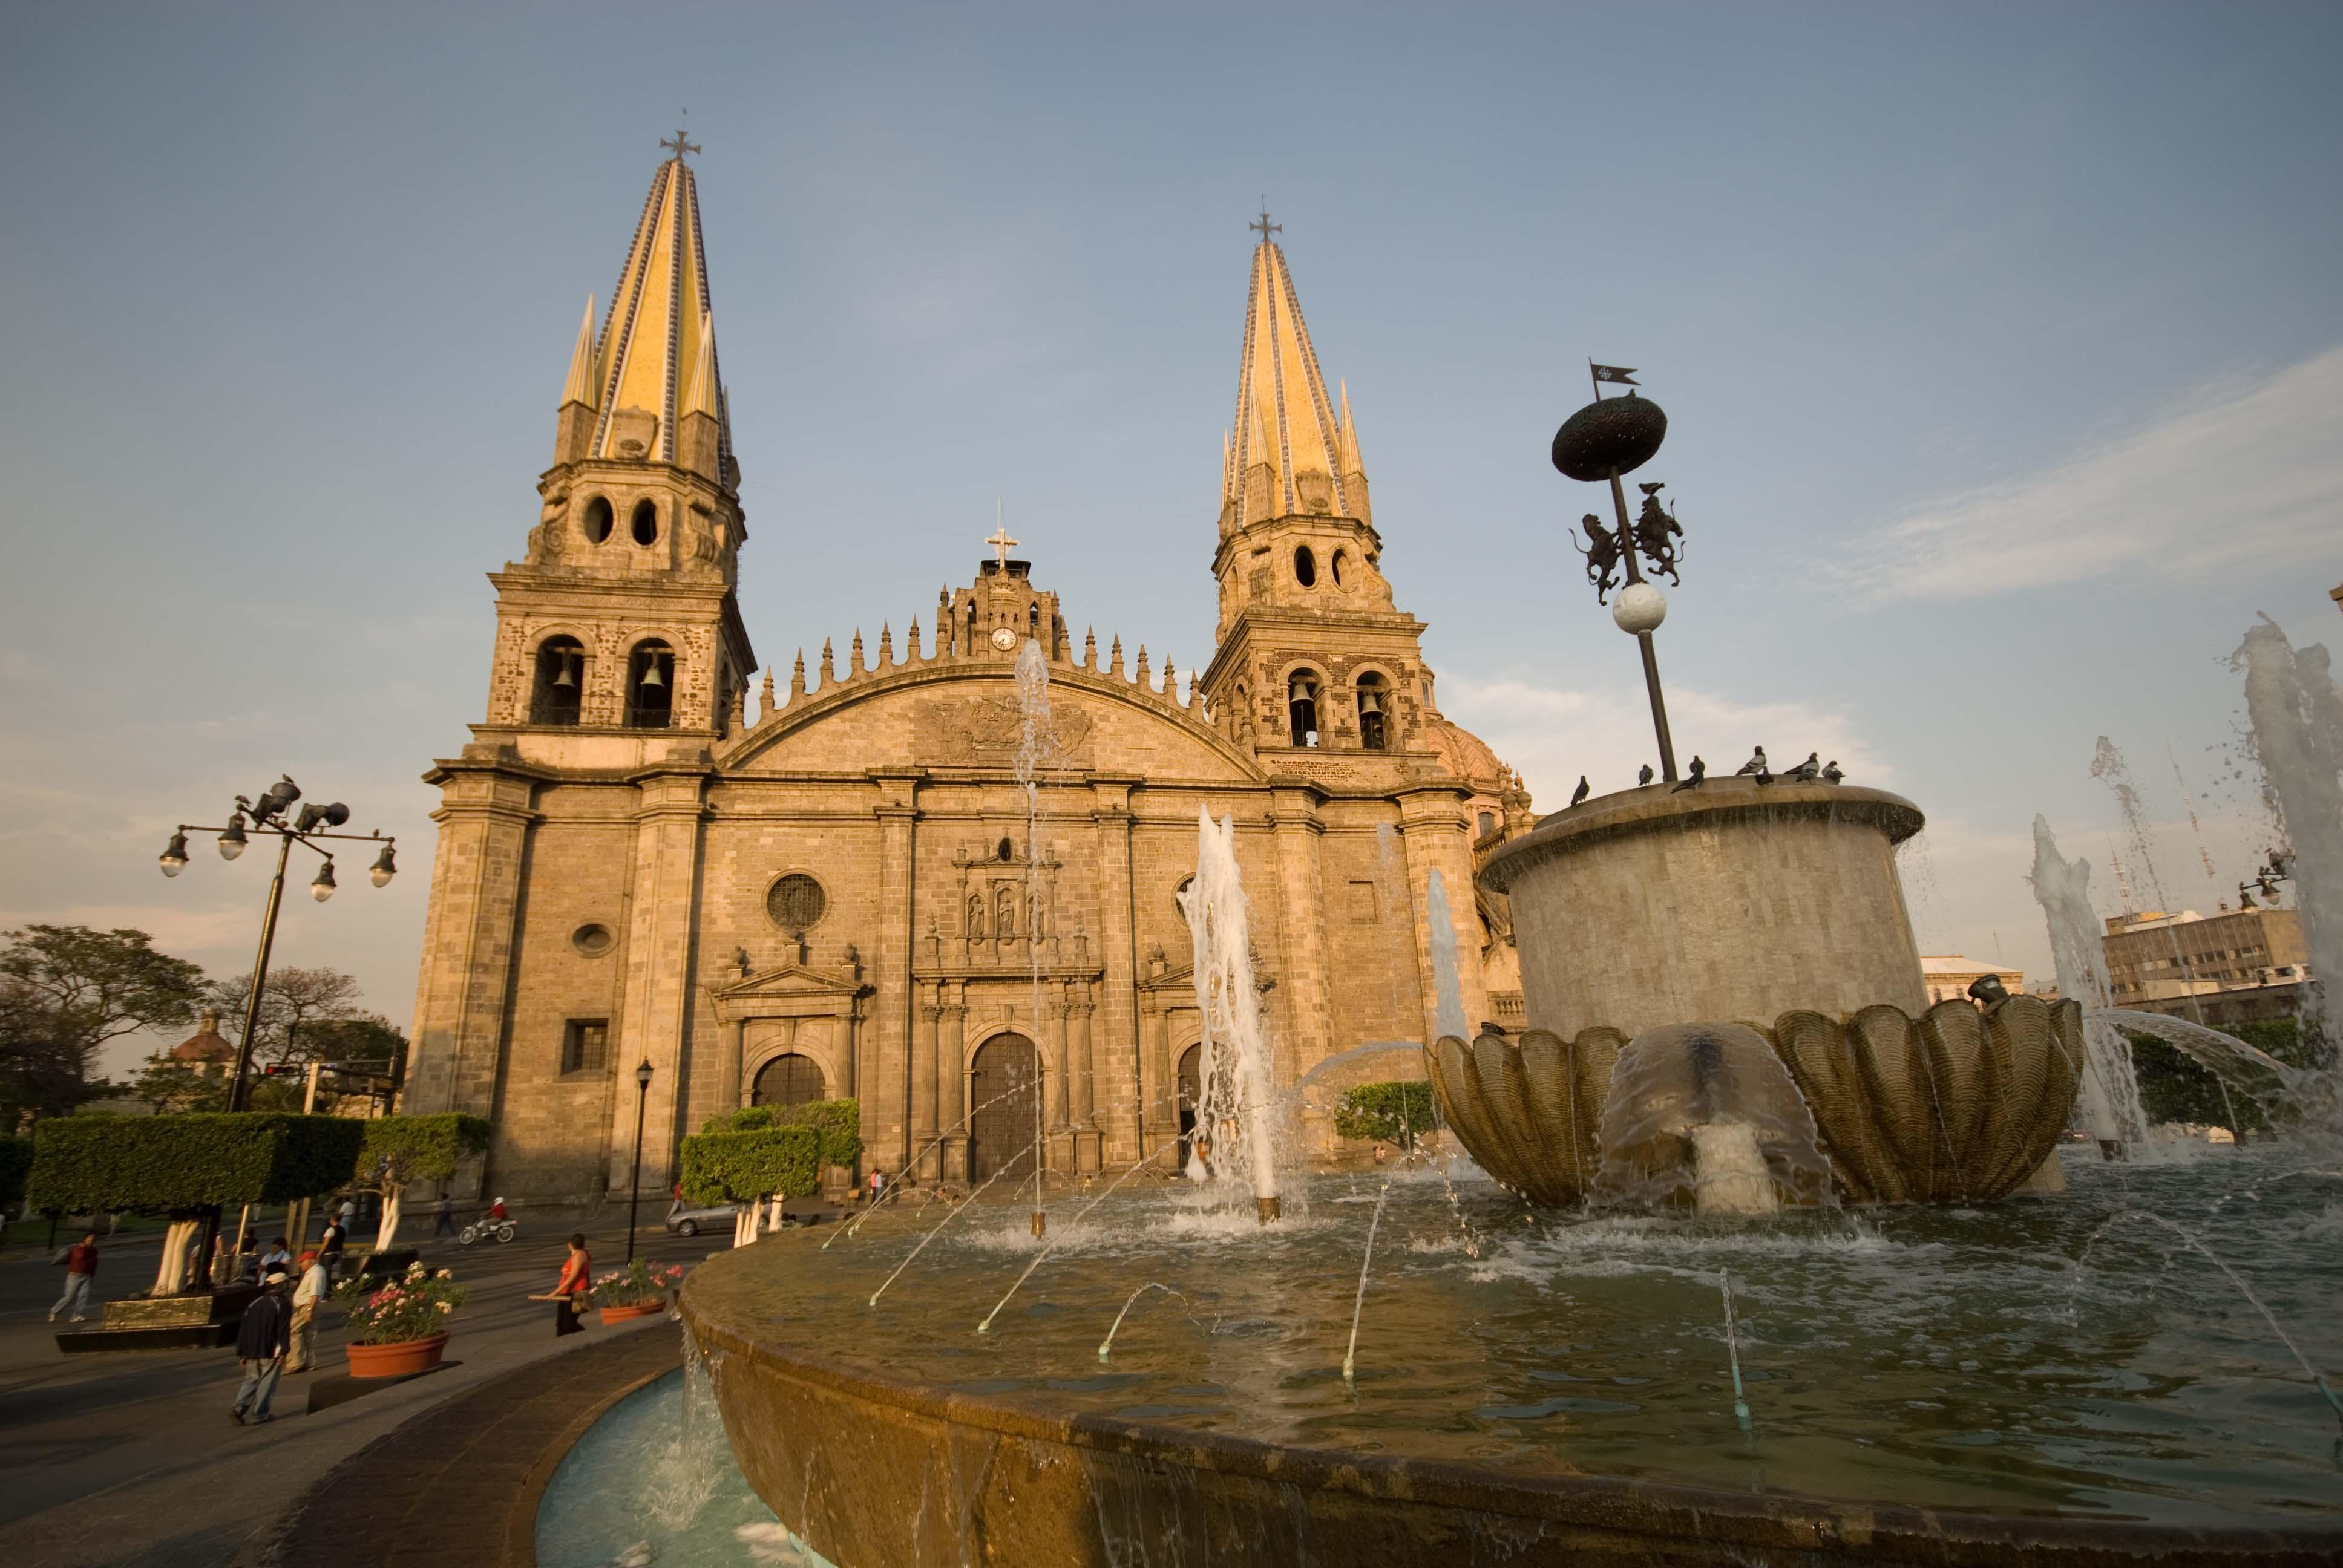 Dating sites in guadalajara mexico